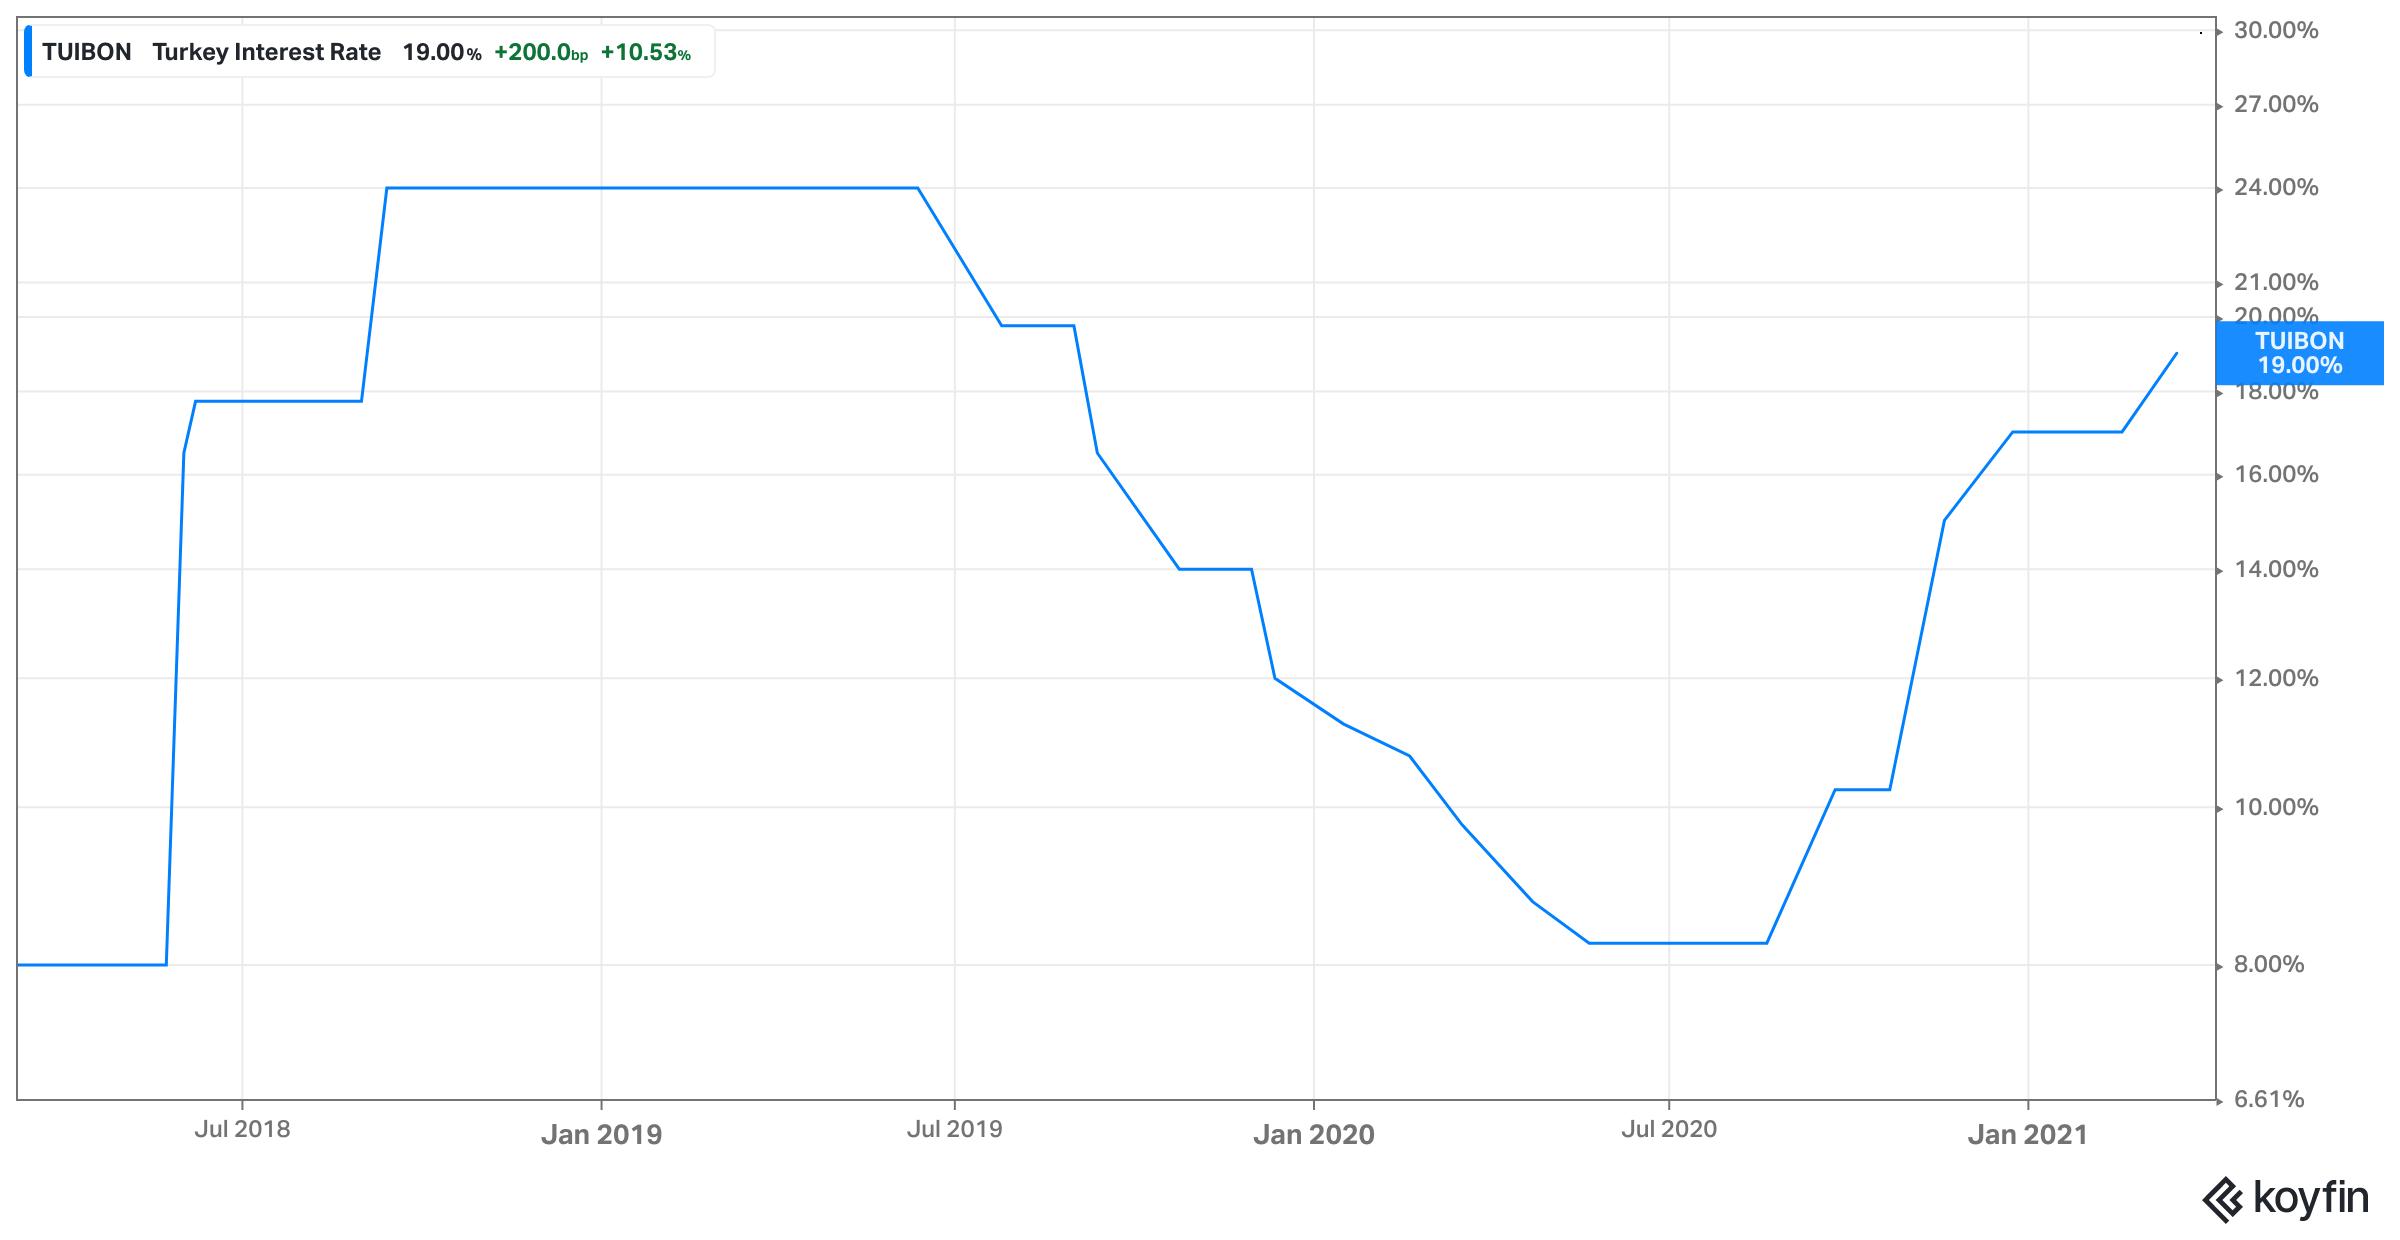 Evolução da taxa de juros da Turquia. Fonte: Koyfin